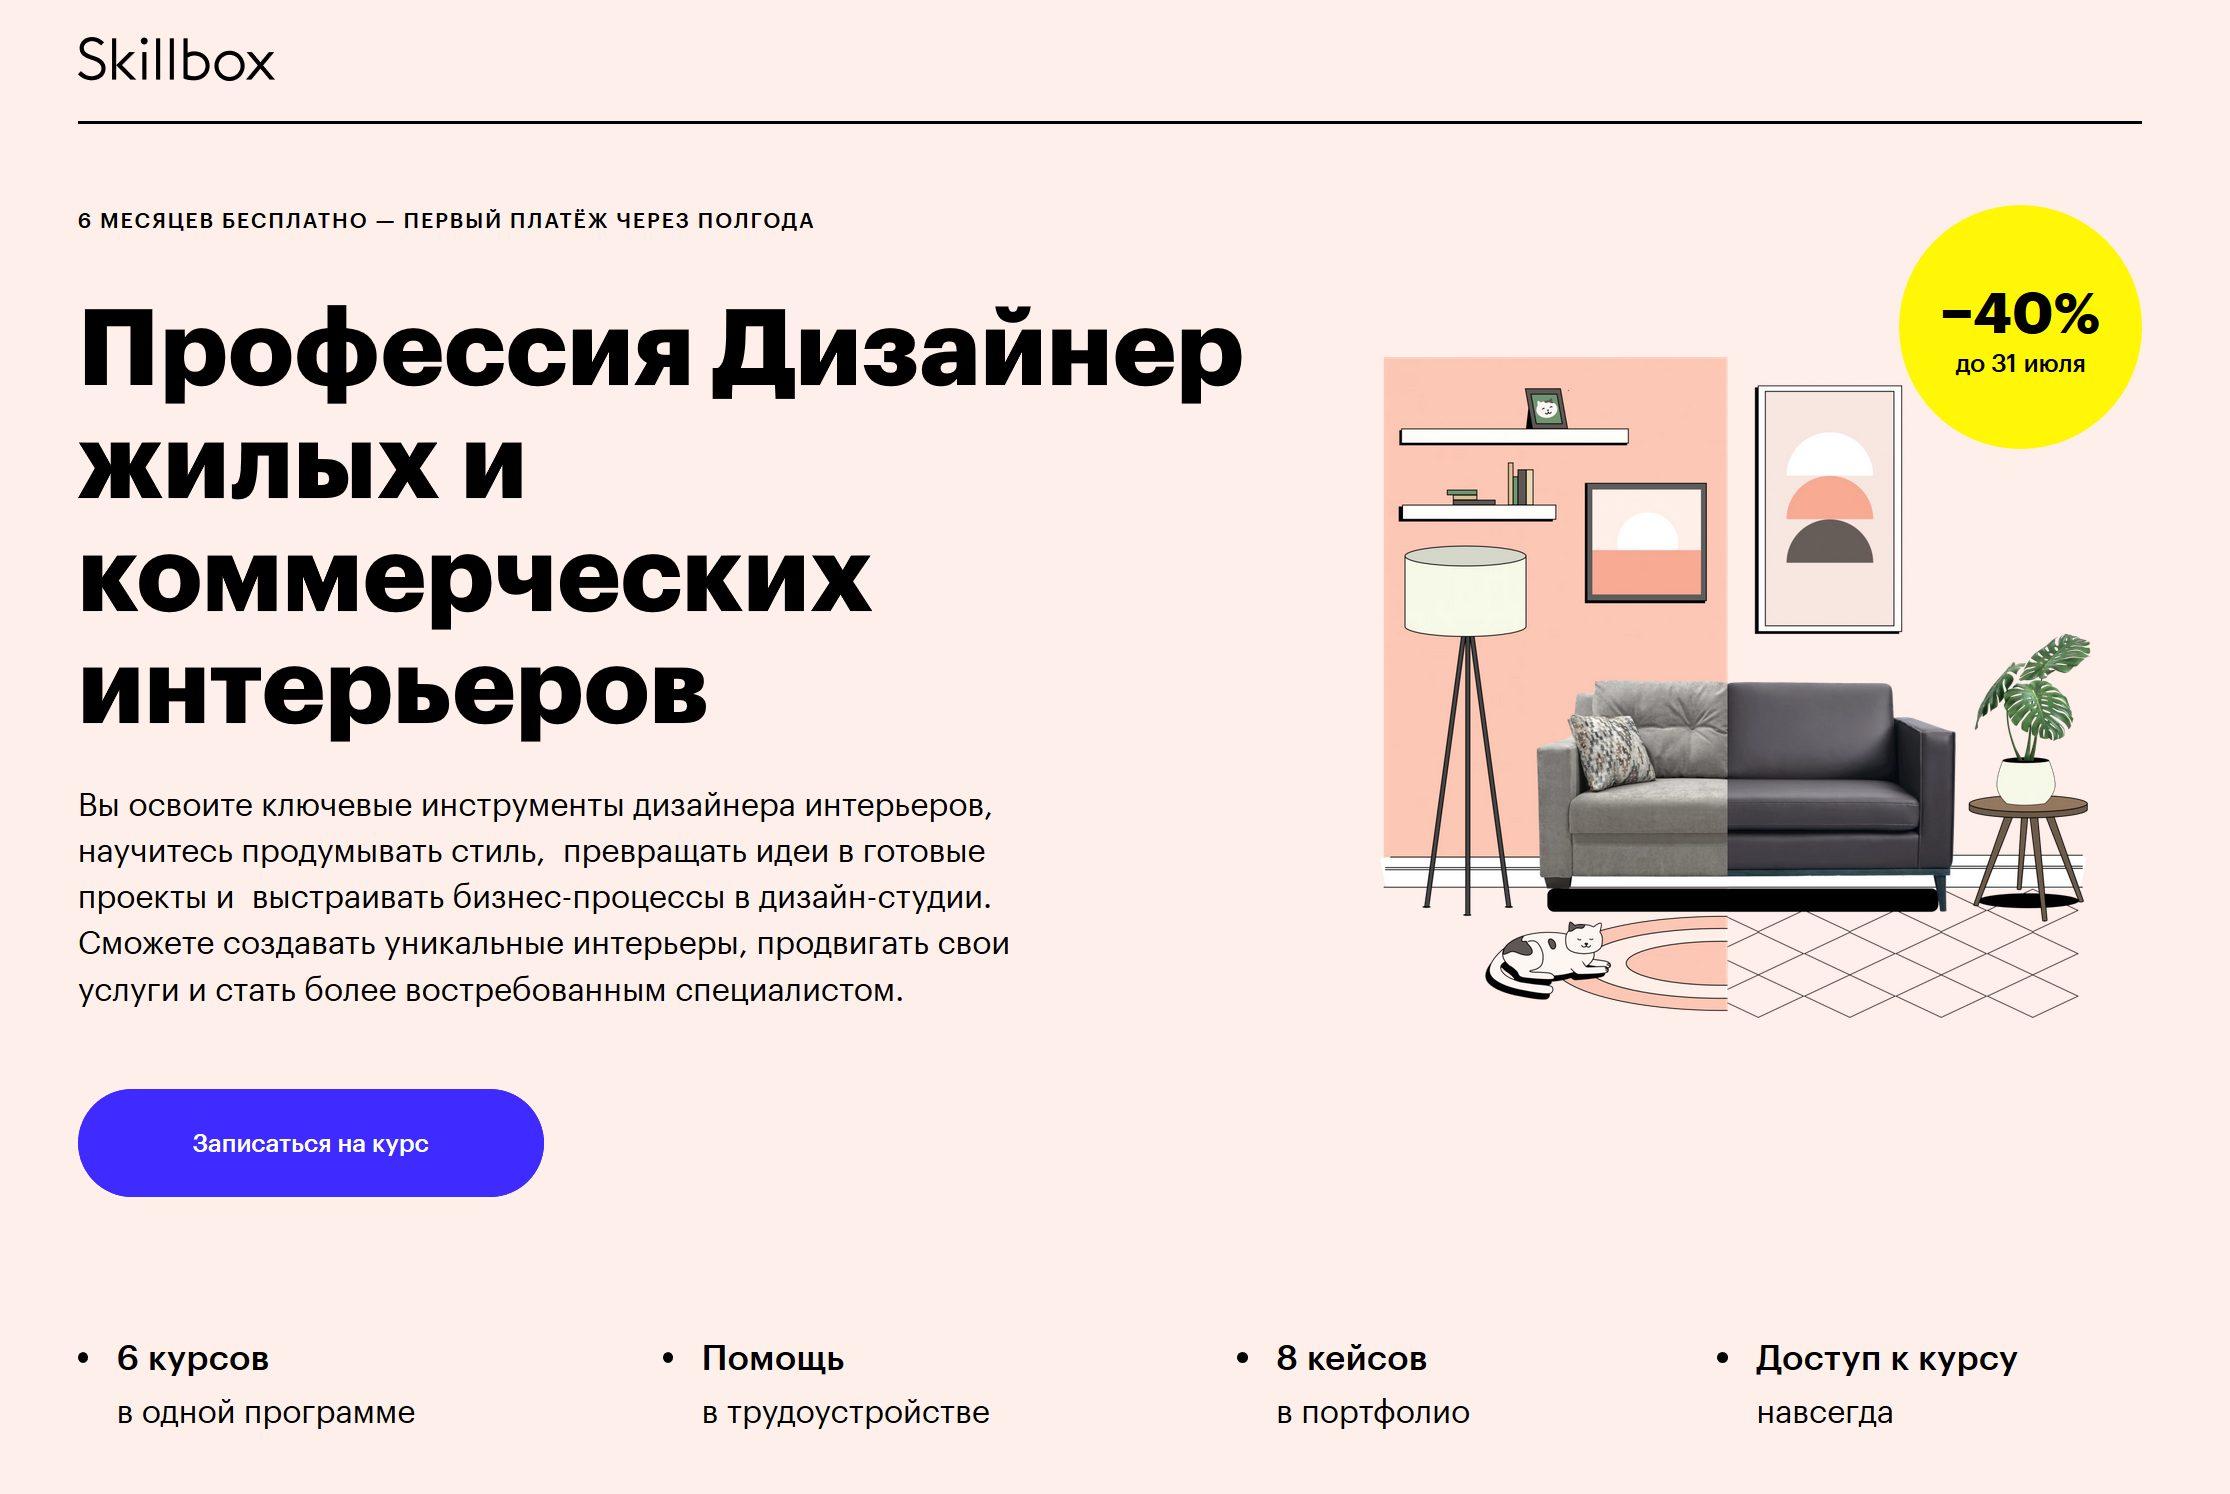 Профессия дизайнер жилых и коммерческих интерьеров